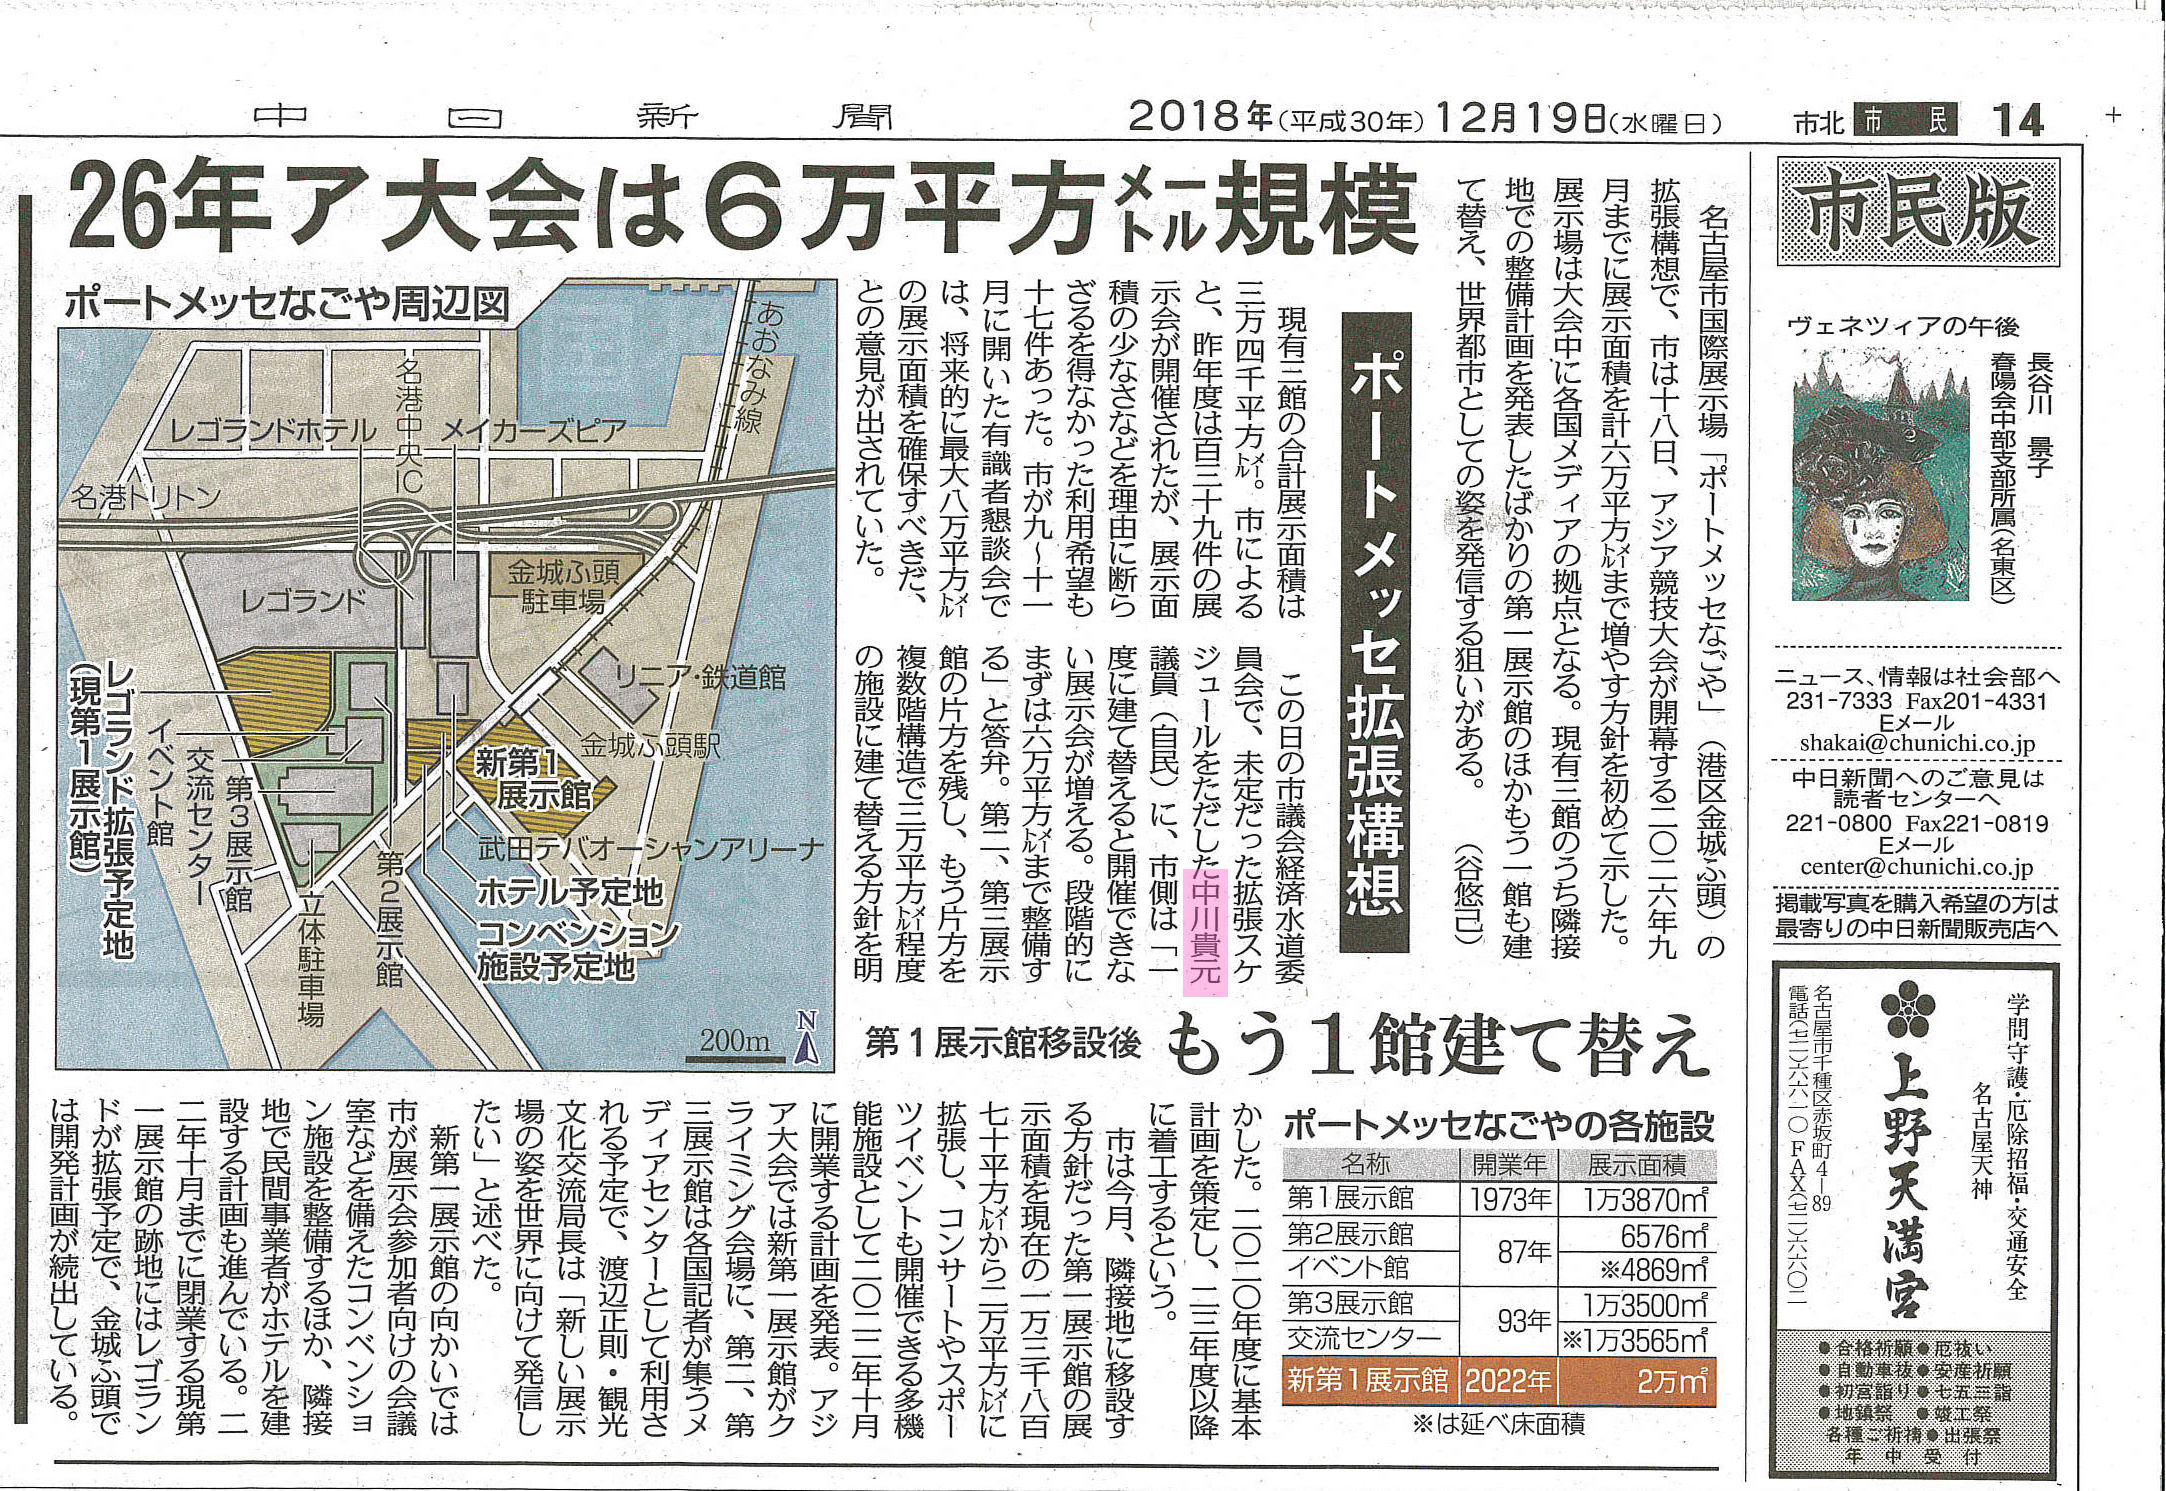 中日新聞(ポートメッセなごや拡張構想)